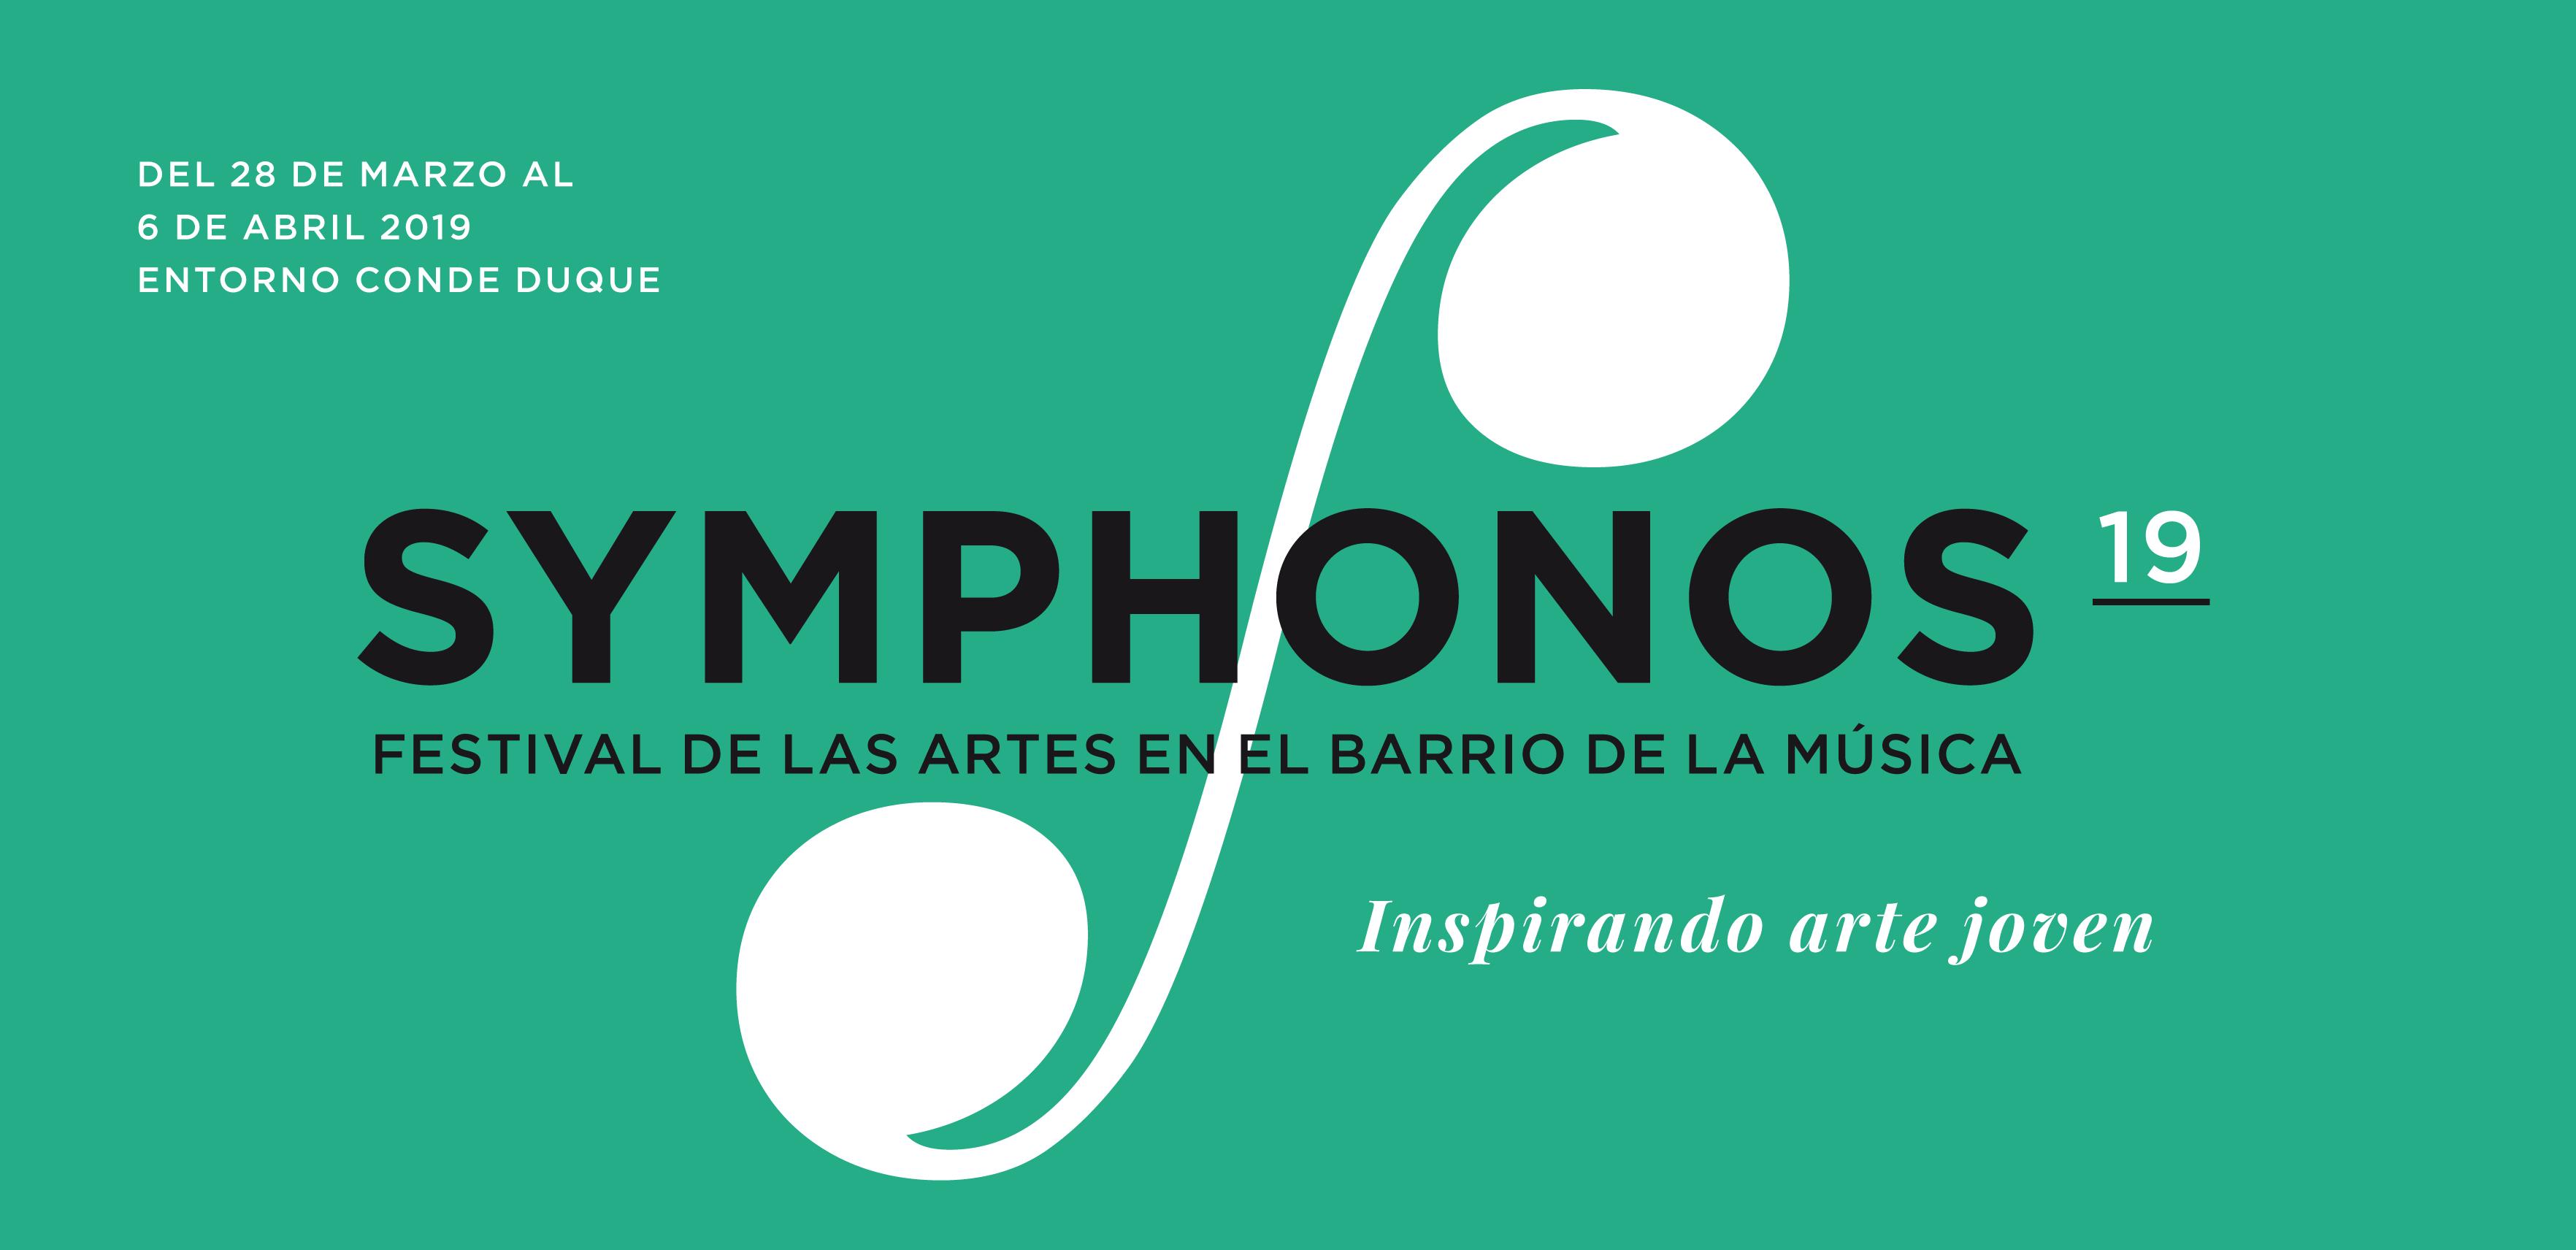 symphonos19